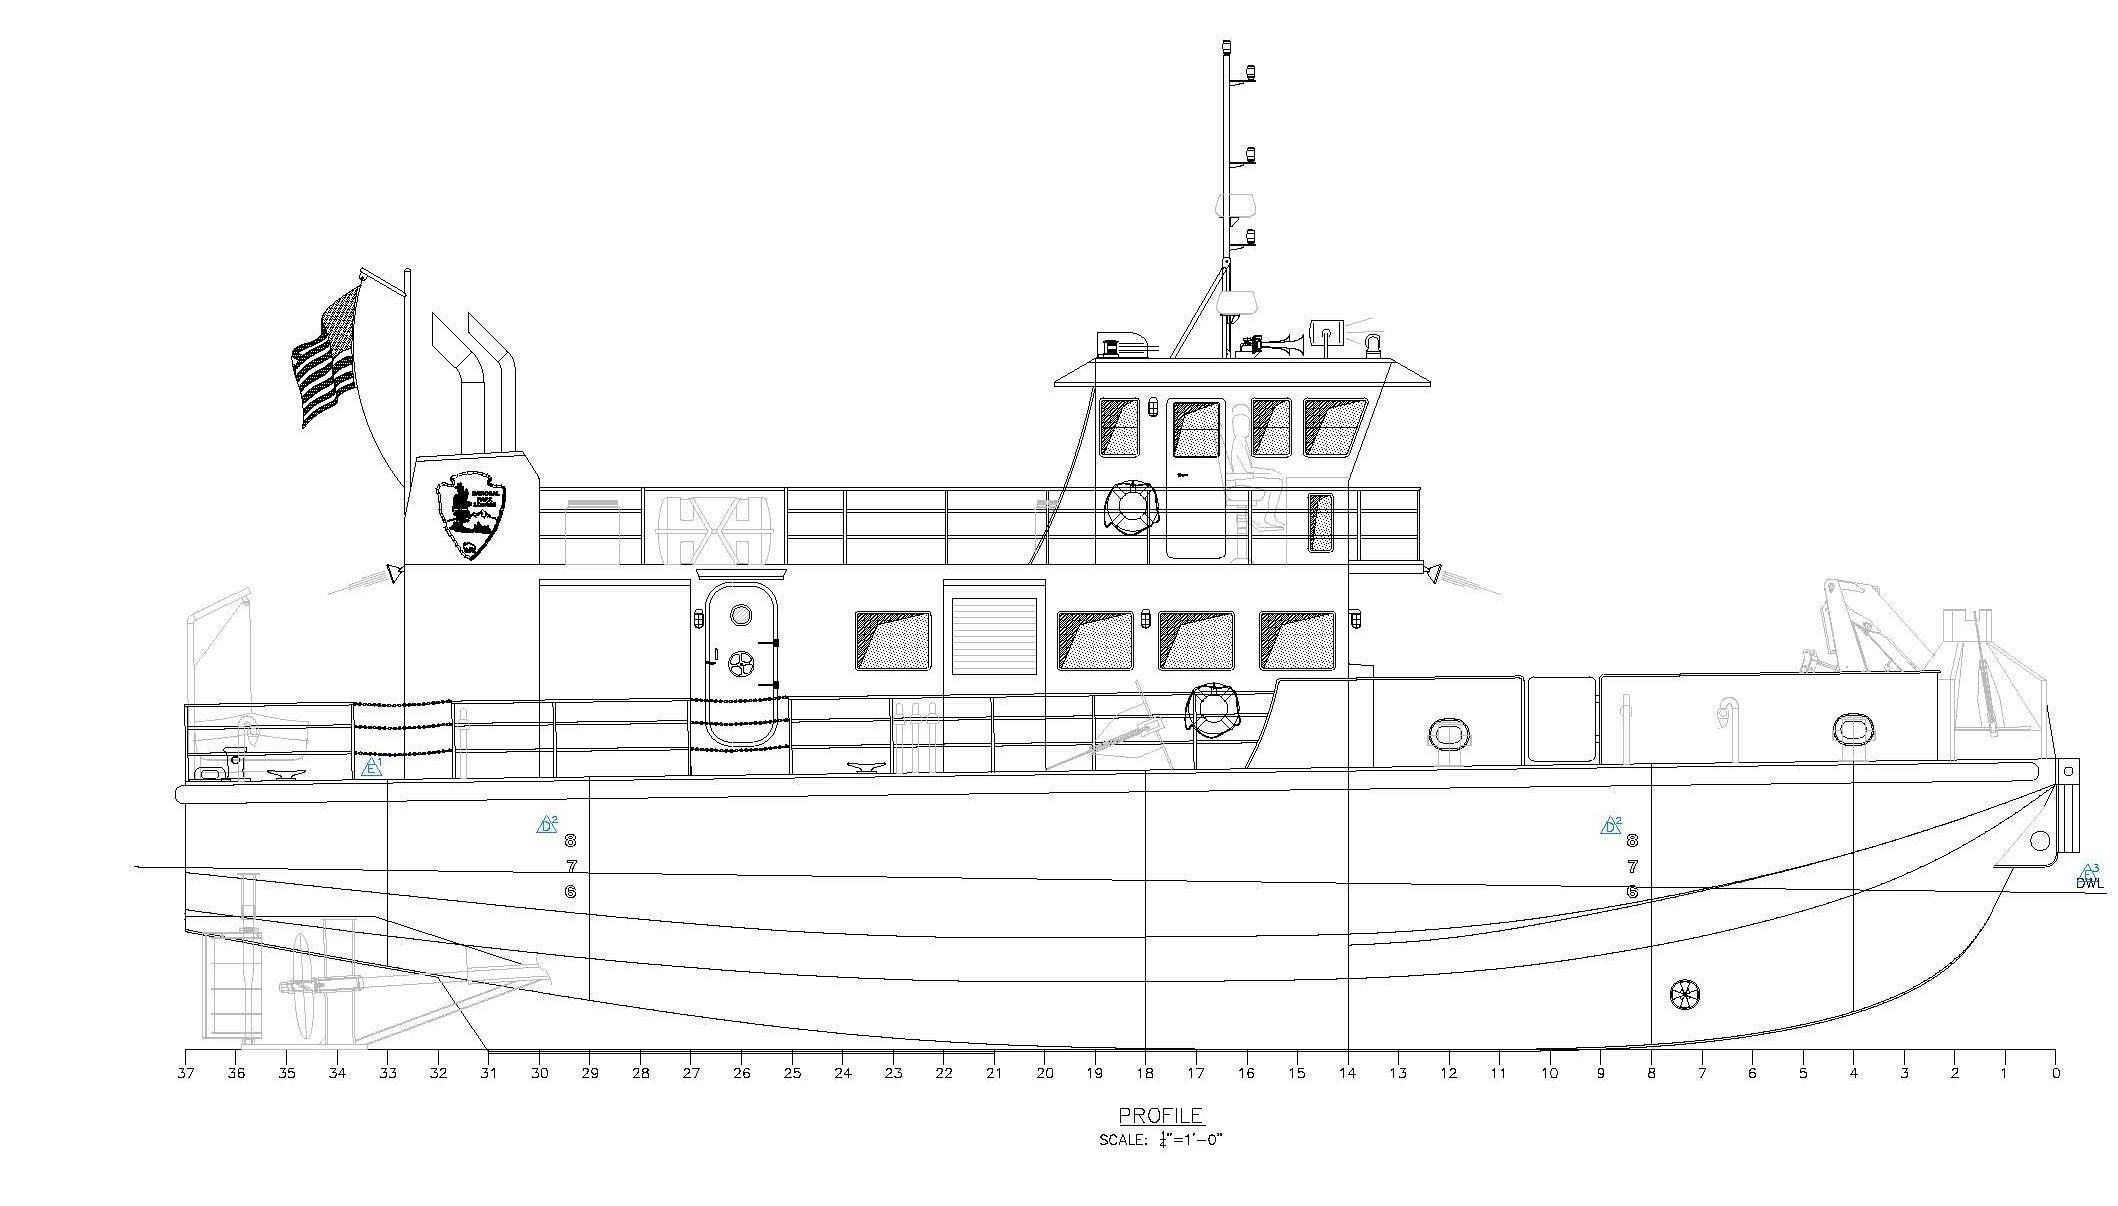 826-B205-01_RE Outboard Profile